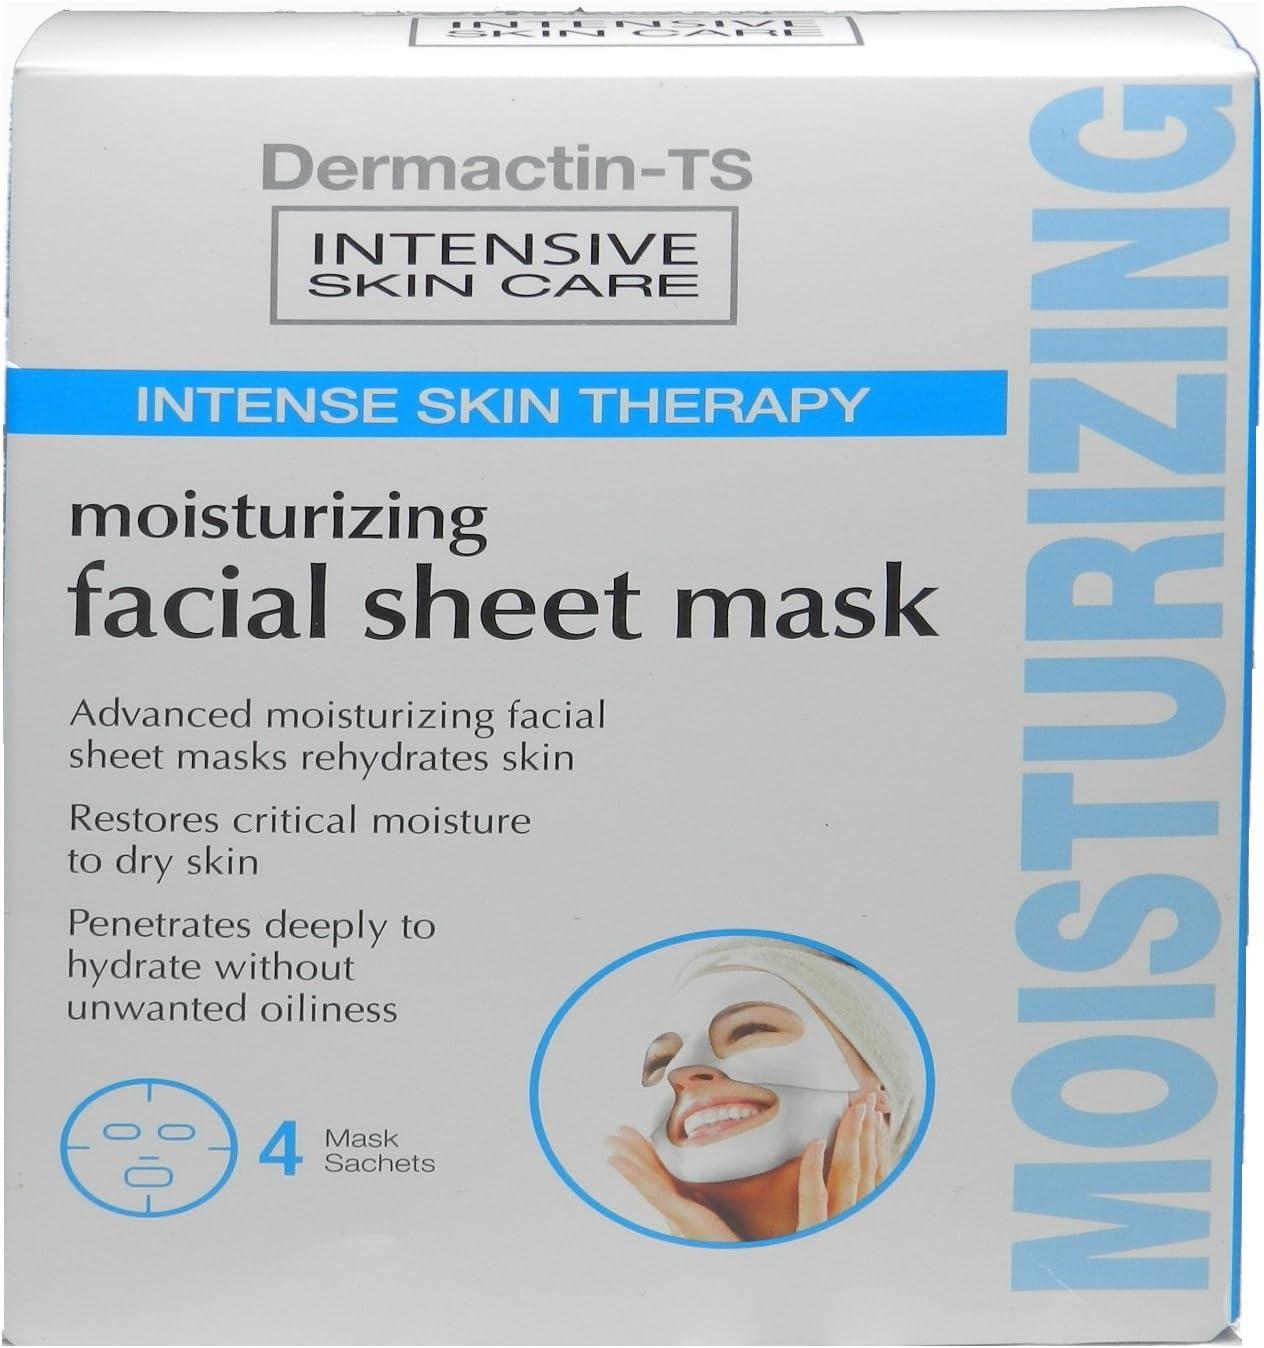 Dermactin-TS intenso piel terapia Hidratante Facial Máscara 6 paquetes (Pack de 3): Amazon.es: Belleza